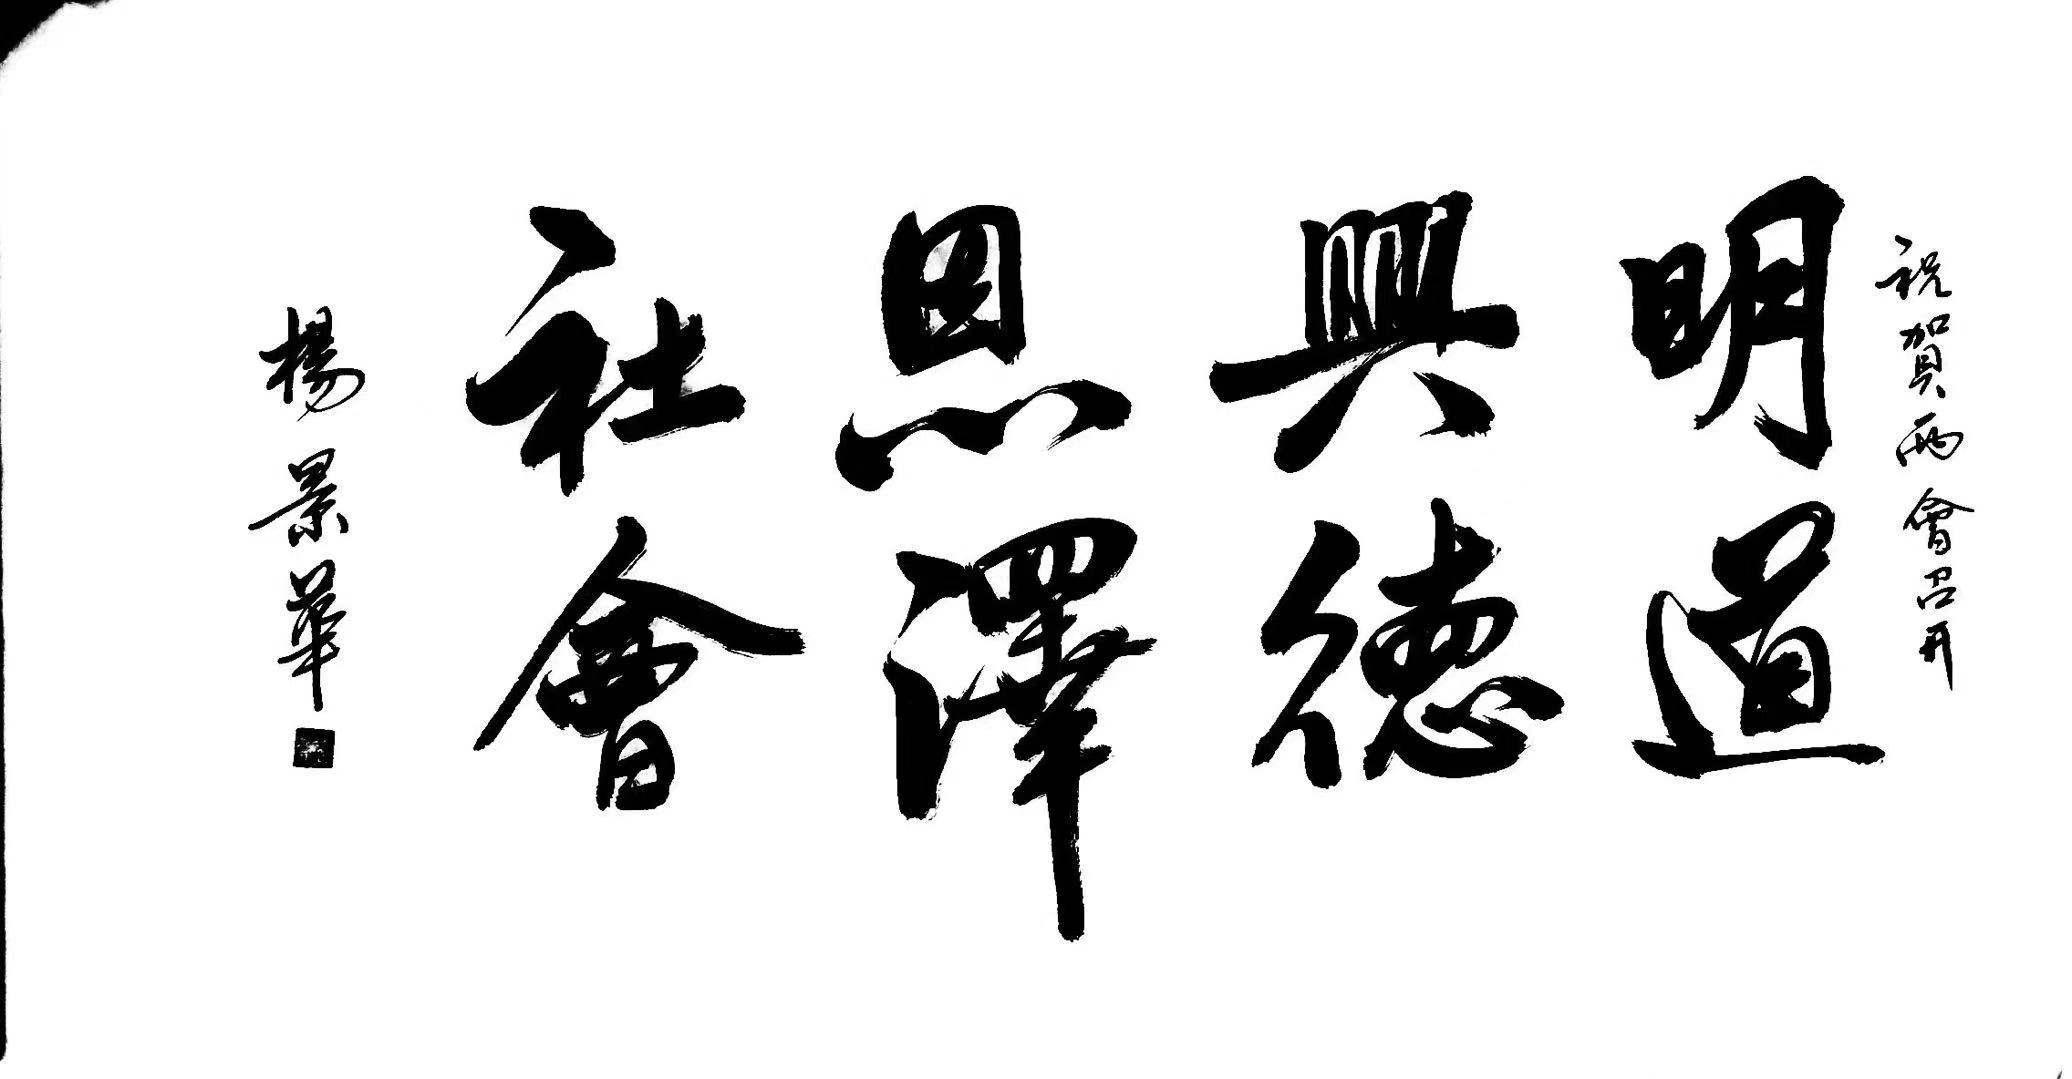 """""""文襄两会,艺颂国是""""——「全国两会」倾听文艺的声音(六十八)"""